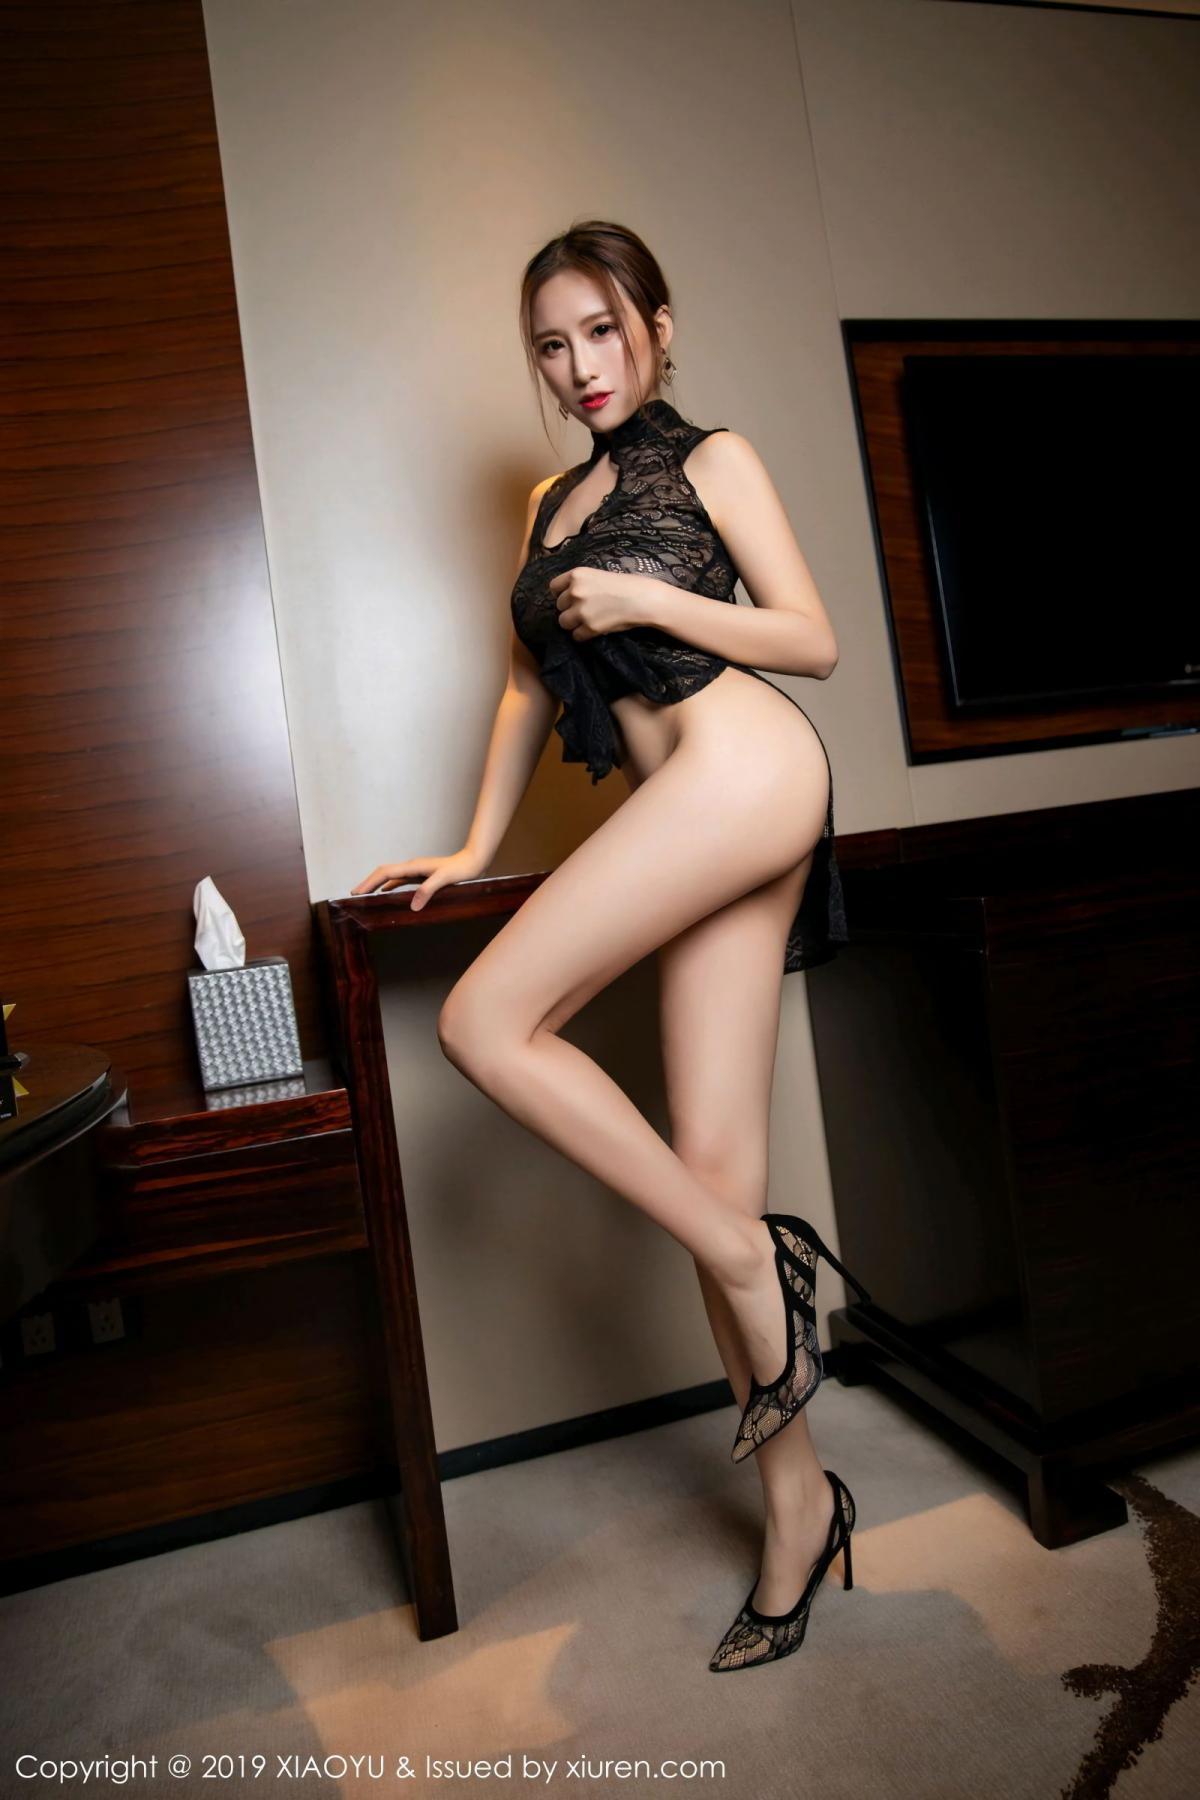 [XiaoYu] Vol.108 Yue Yin Tong 13P, Underwear, XiaoYu, Yue Yin Tong